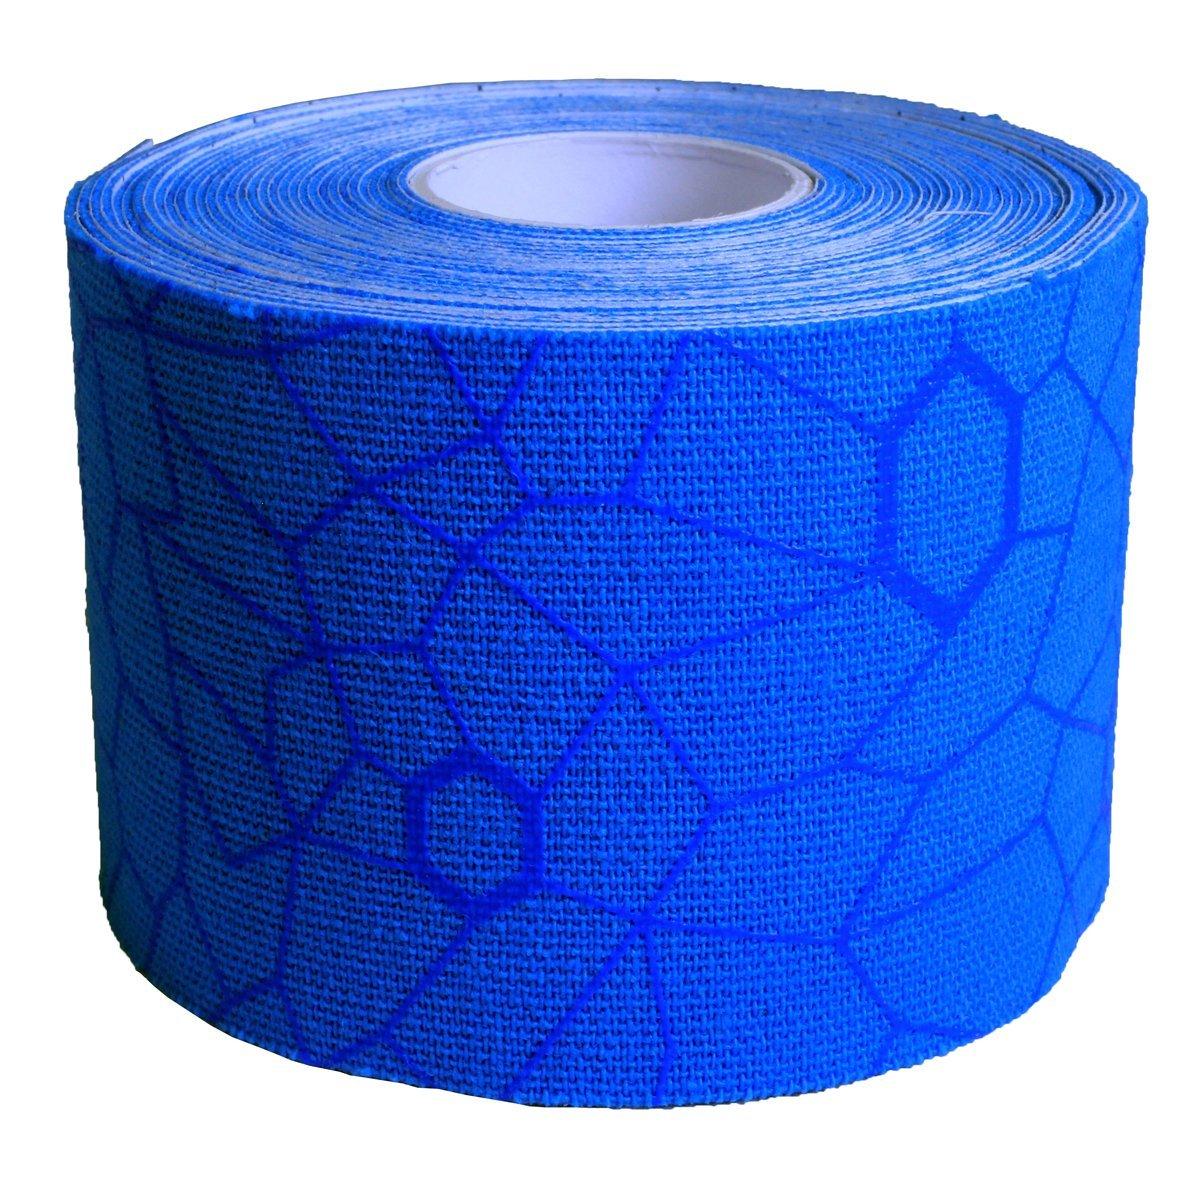 Bande de Kinesiologie Tape theraband Bleu avec Indicateurs visuels de tension